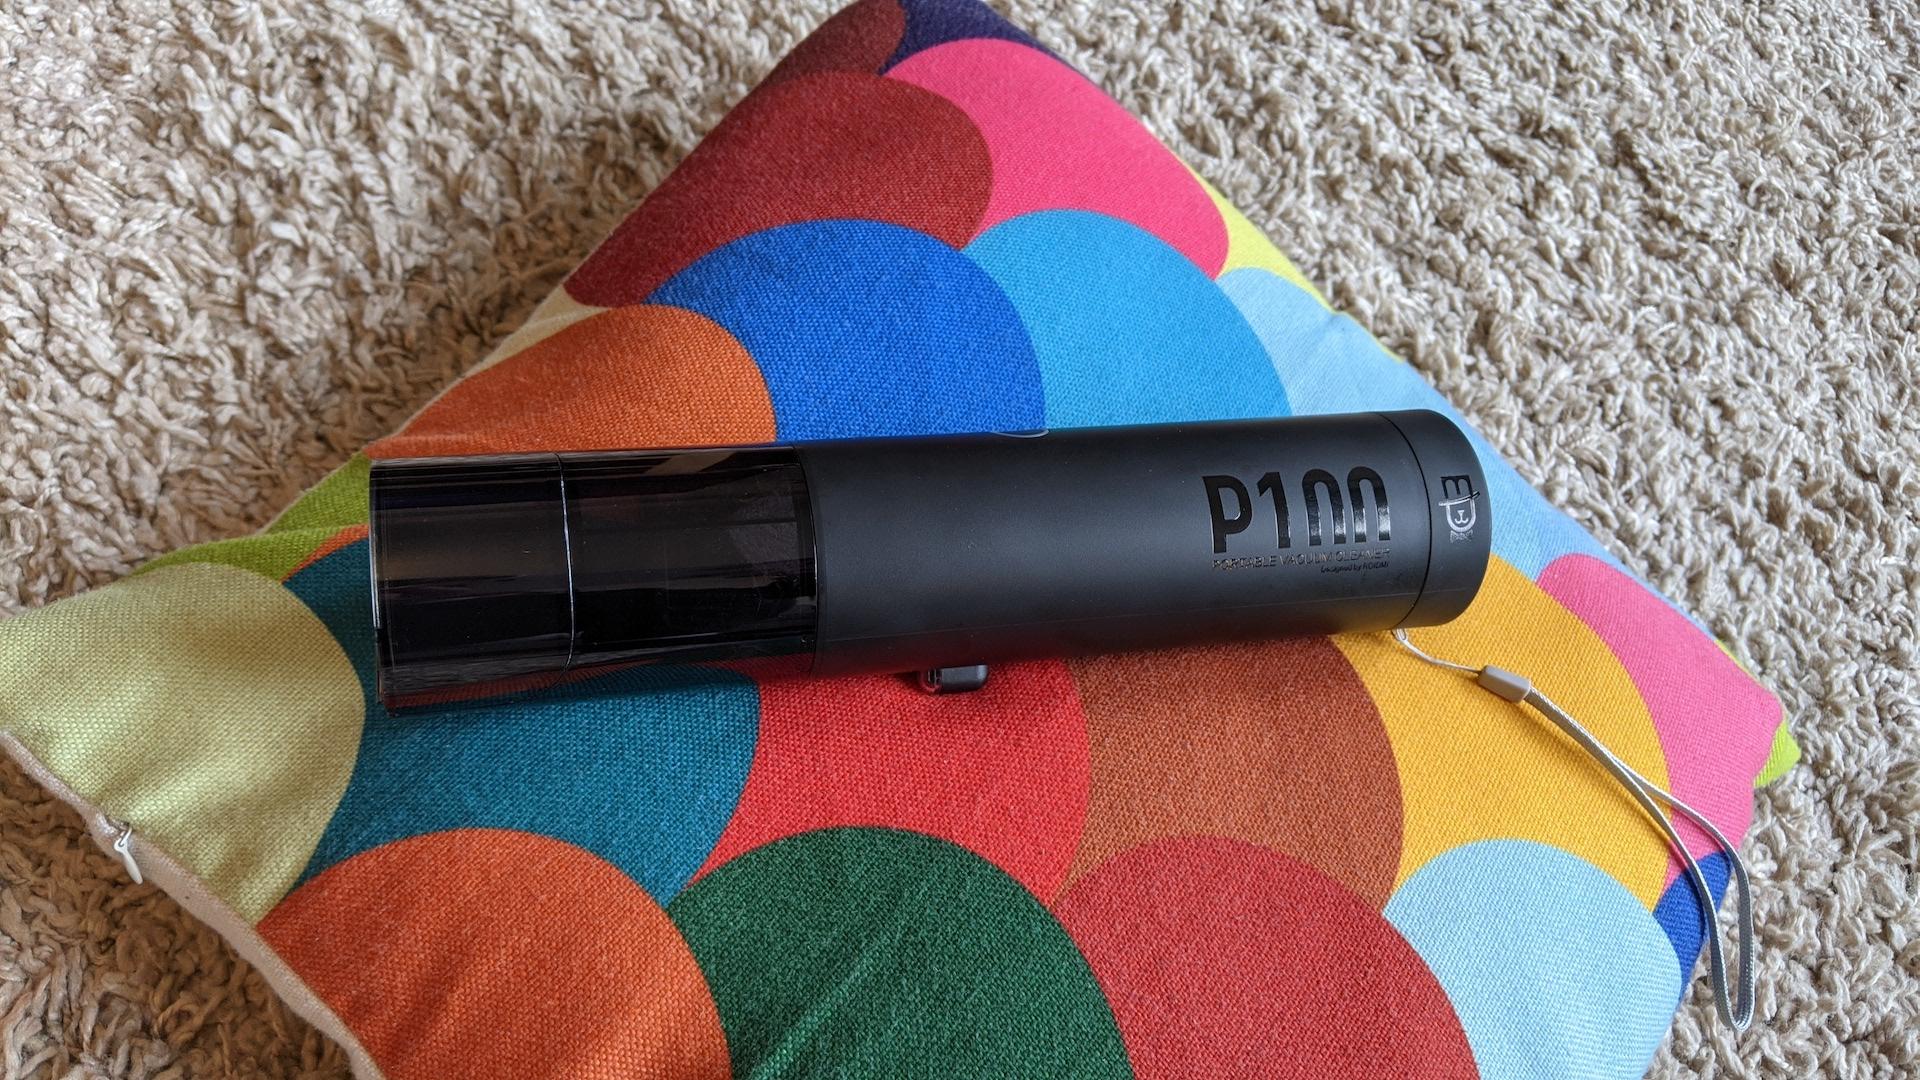 Roidmi Nano P1 Pro